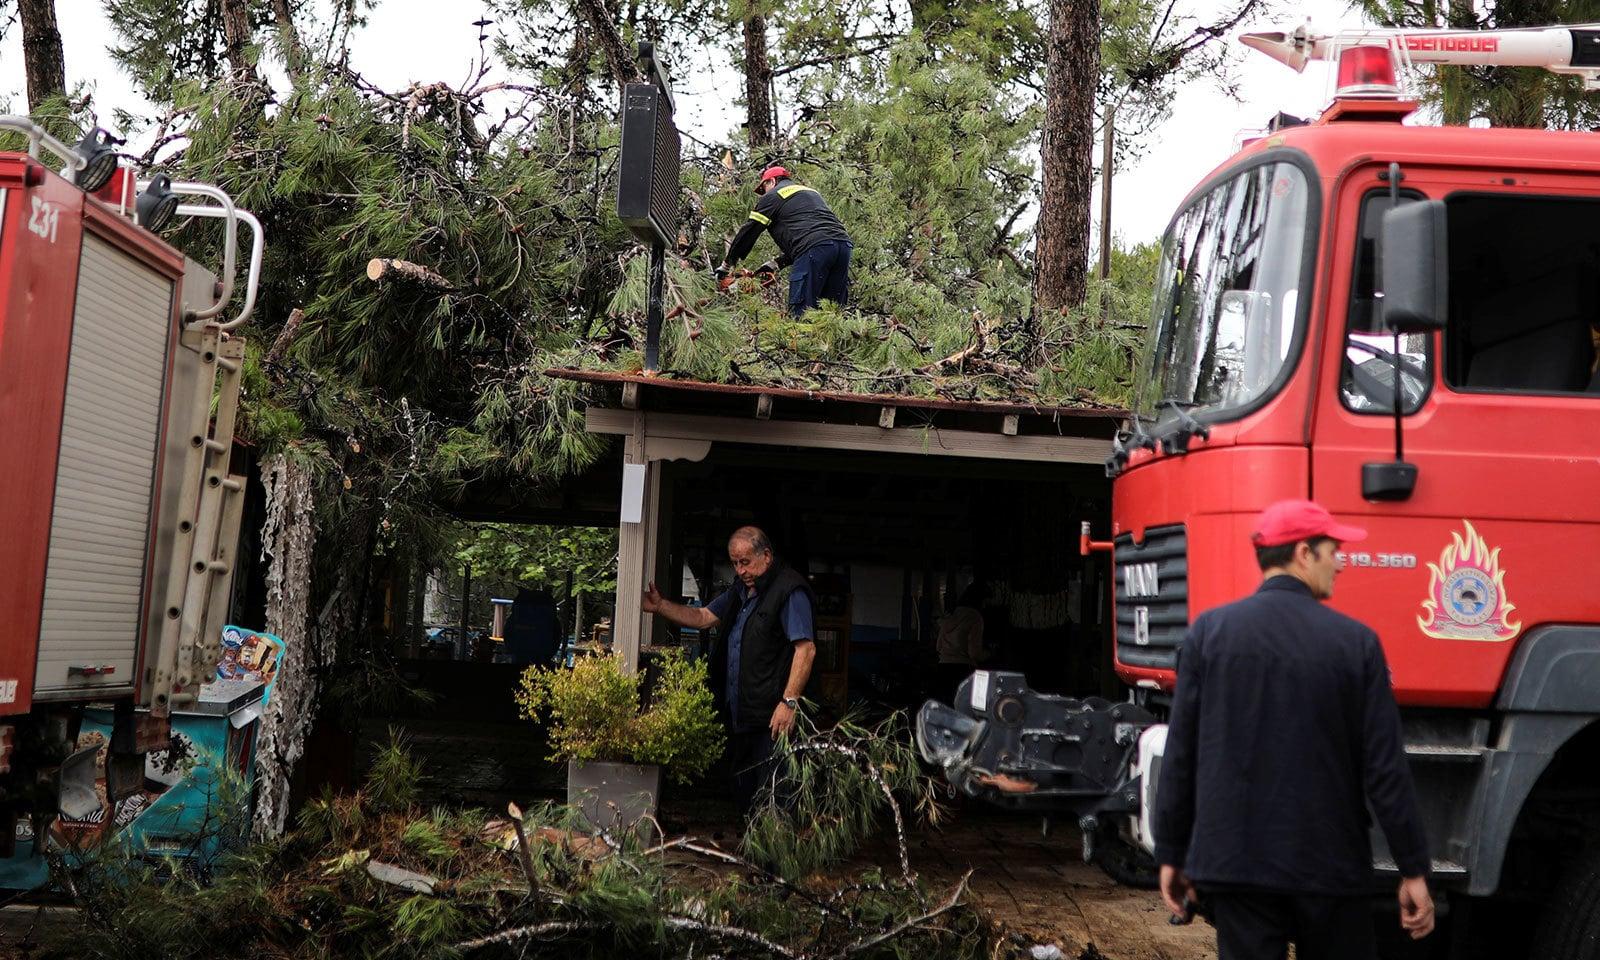 طوفان کے بعد امدادی کارروائیاں جاری ہیں — فوٹو: رائٹرز